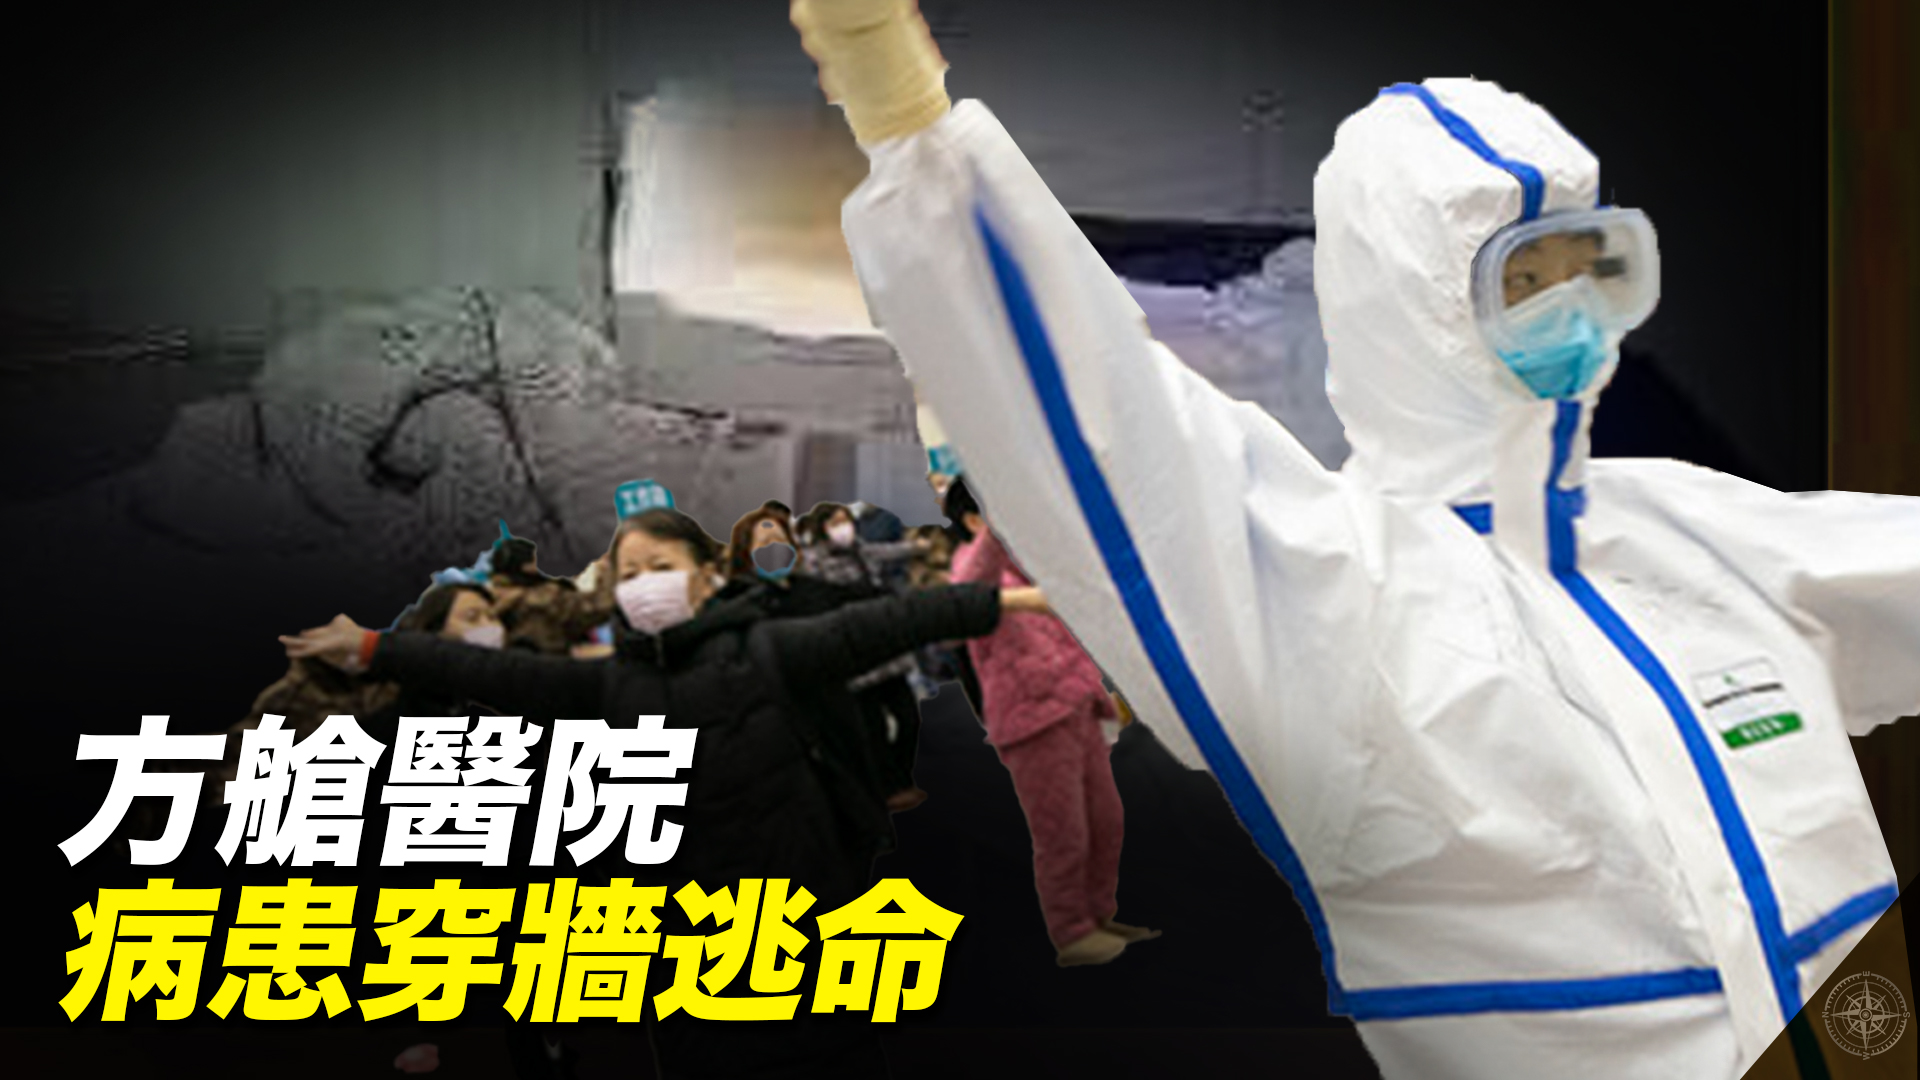 中共病毒肺炎仍在擴散,各地不斷爆發新疫情。中共武漢市官方稱,計劃再建19家方艙醫院。(大紀元合成)